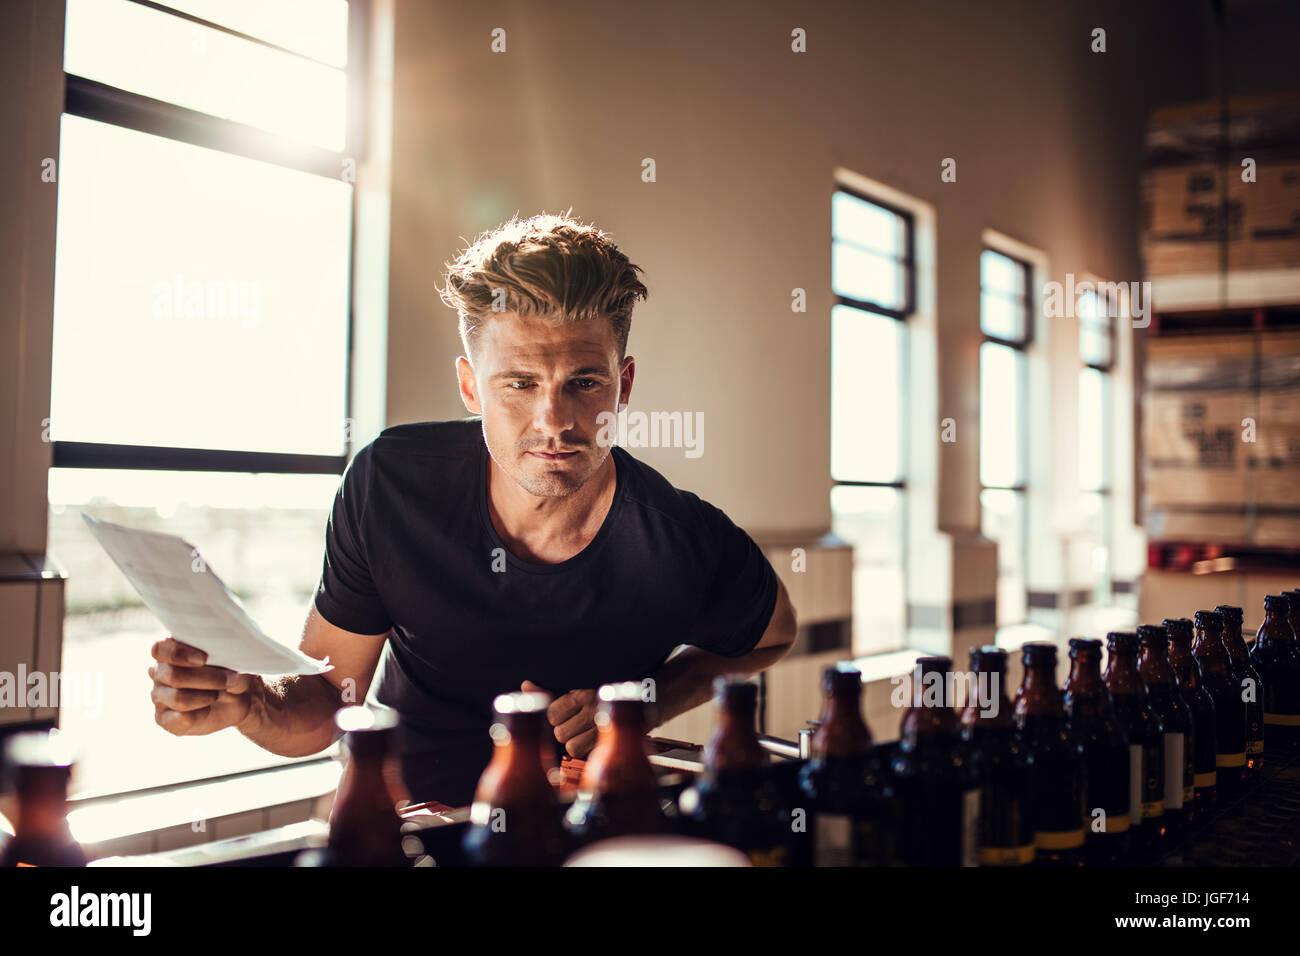 Brauerei Fabrikarbeiter untersucht die Qualität des Craft Beer. Junger Mann Inspektor arbeitet an Alkohol Herstellungsfabrik Stockbild